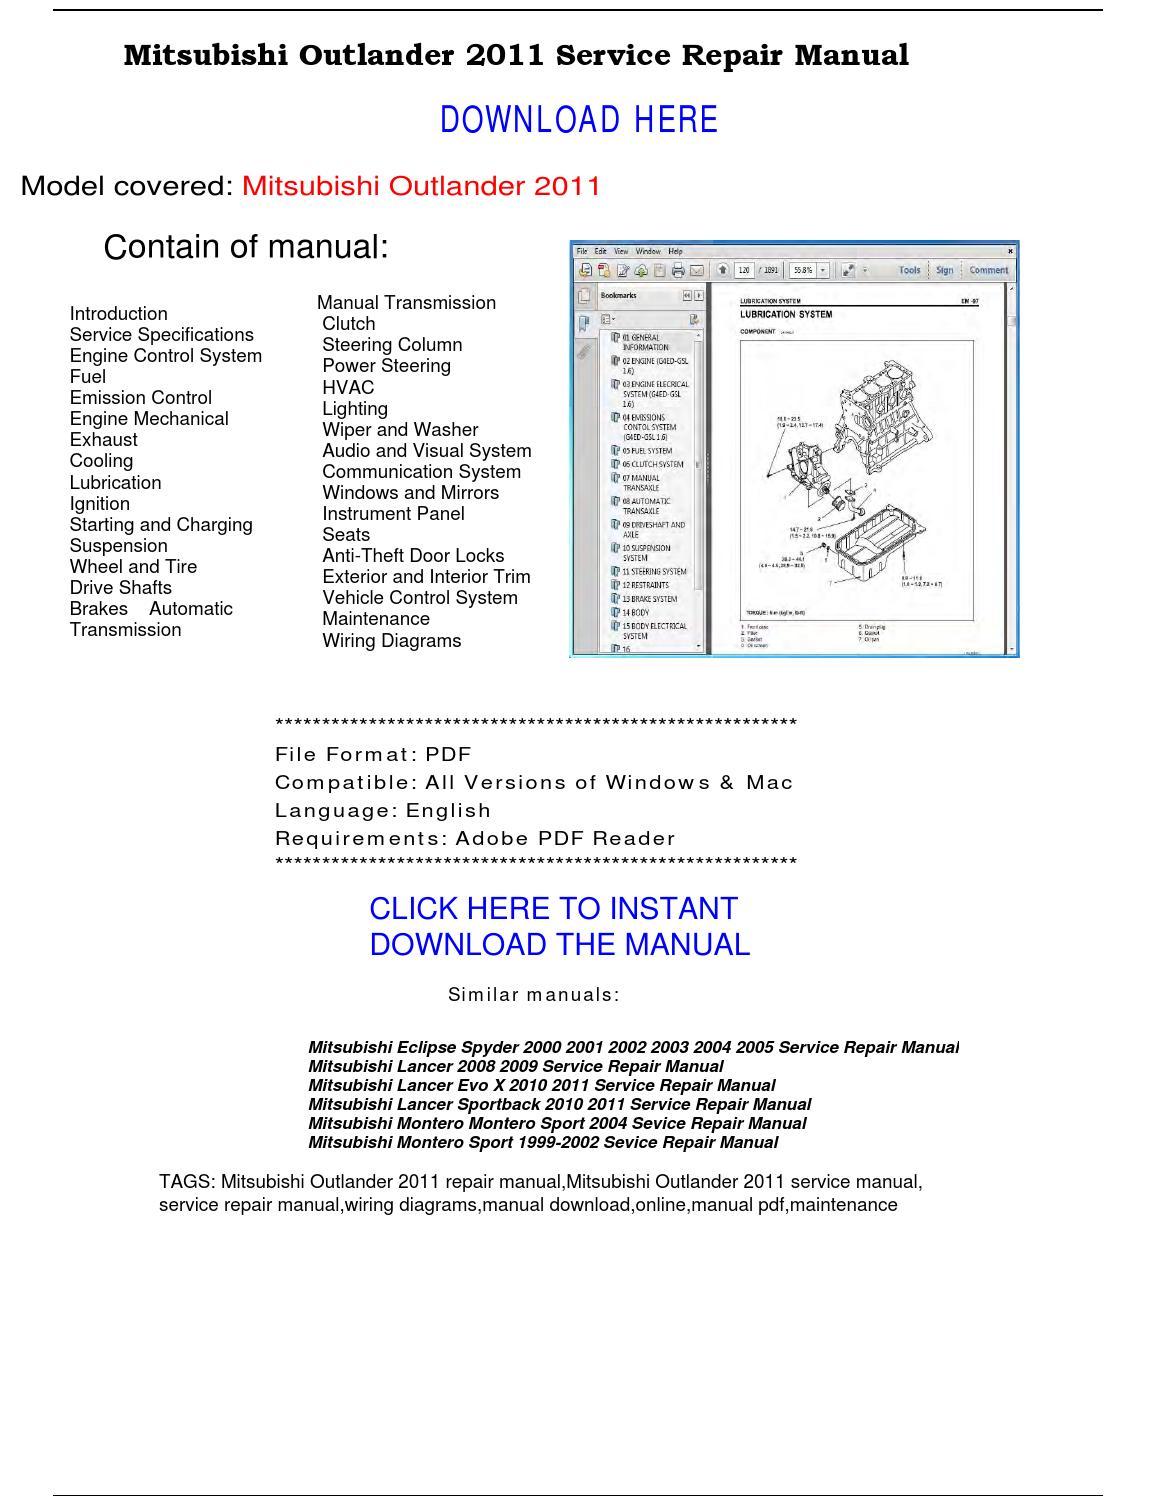 Mitsubishi Outlander 2011 Service Repair Manual By Repairmanualpdf